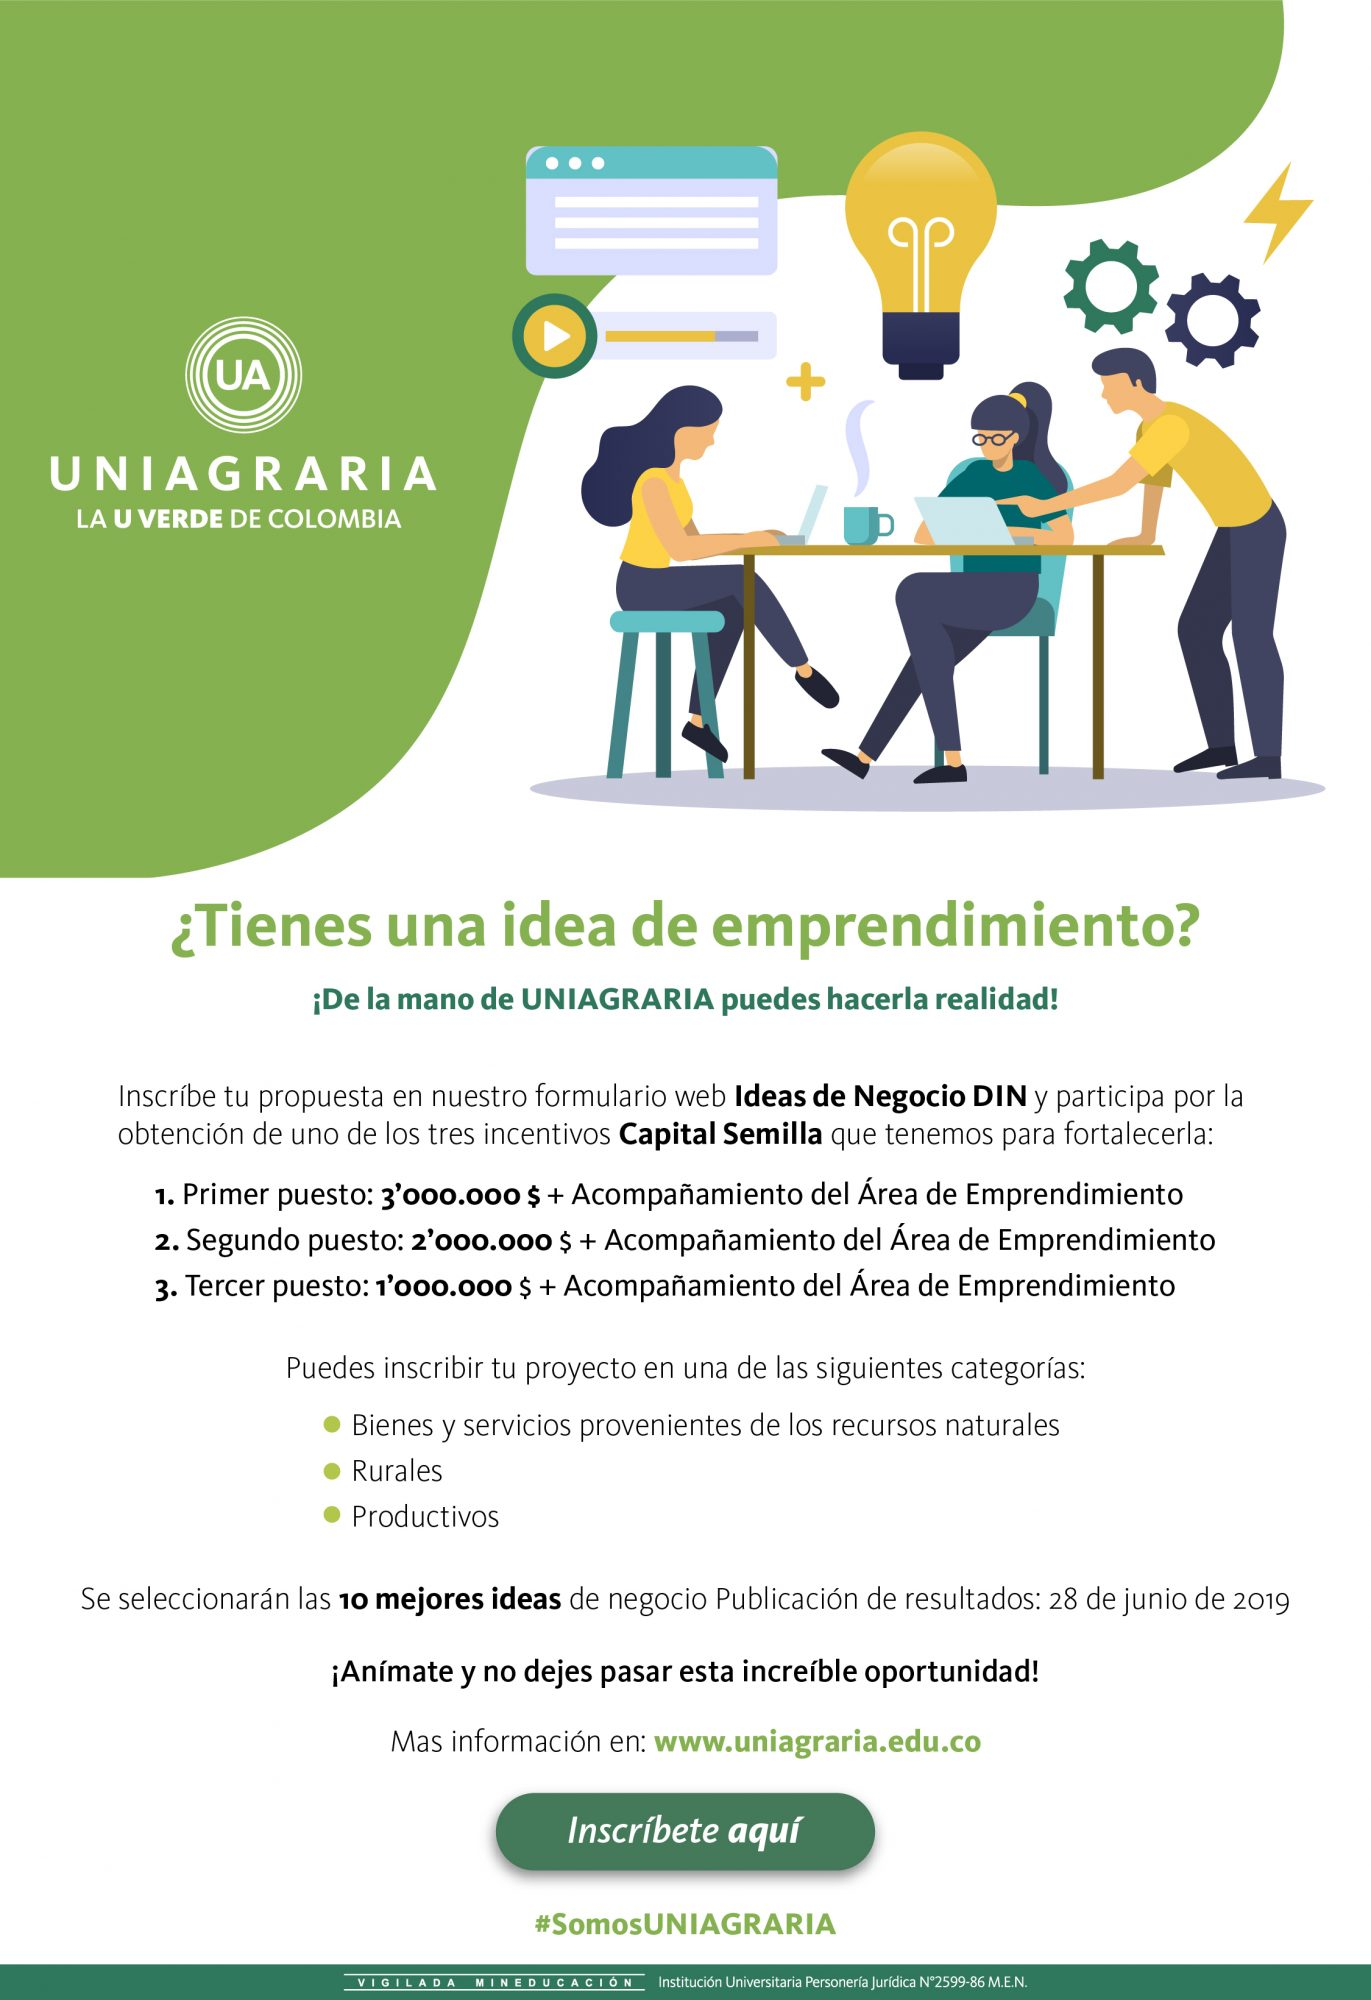 ¿Tienes una idea de emprendimiento? ¡De la mano de UNIAGRARIA puedes hacerla realidad!